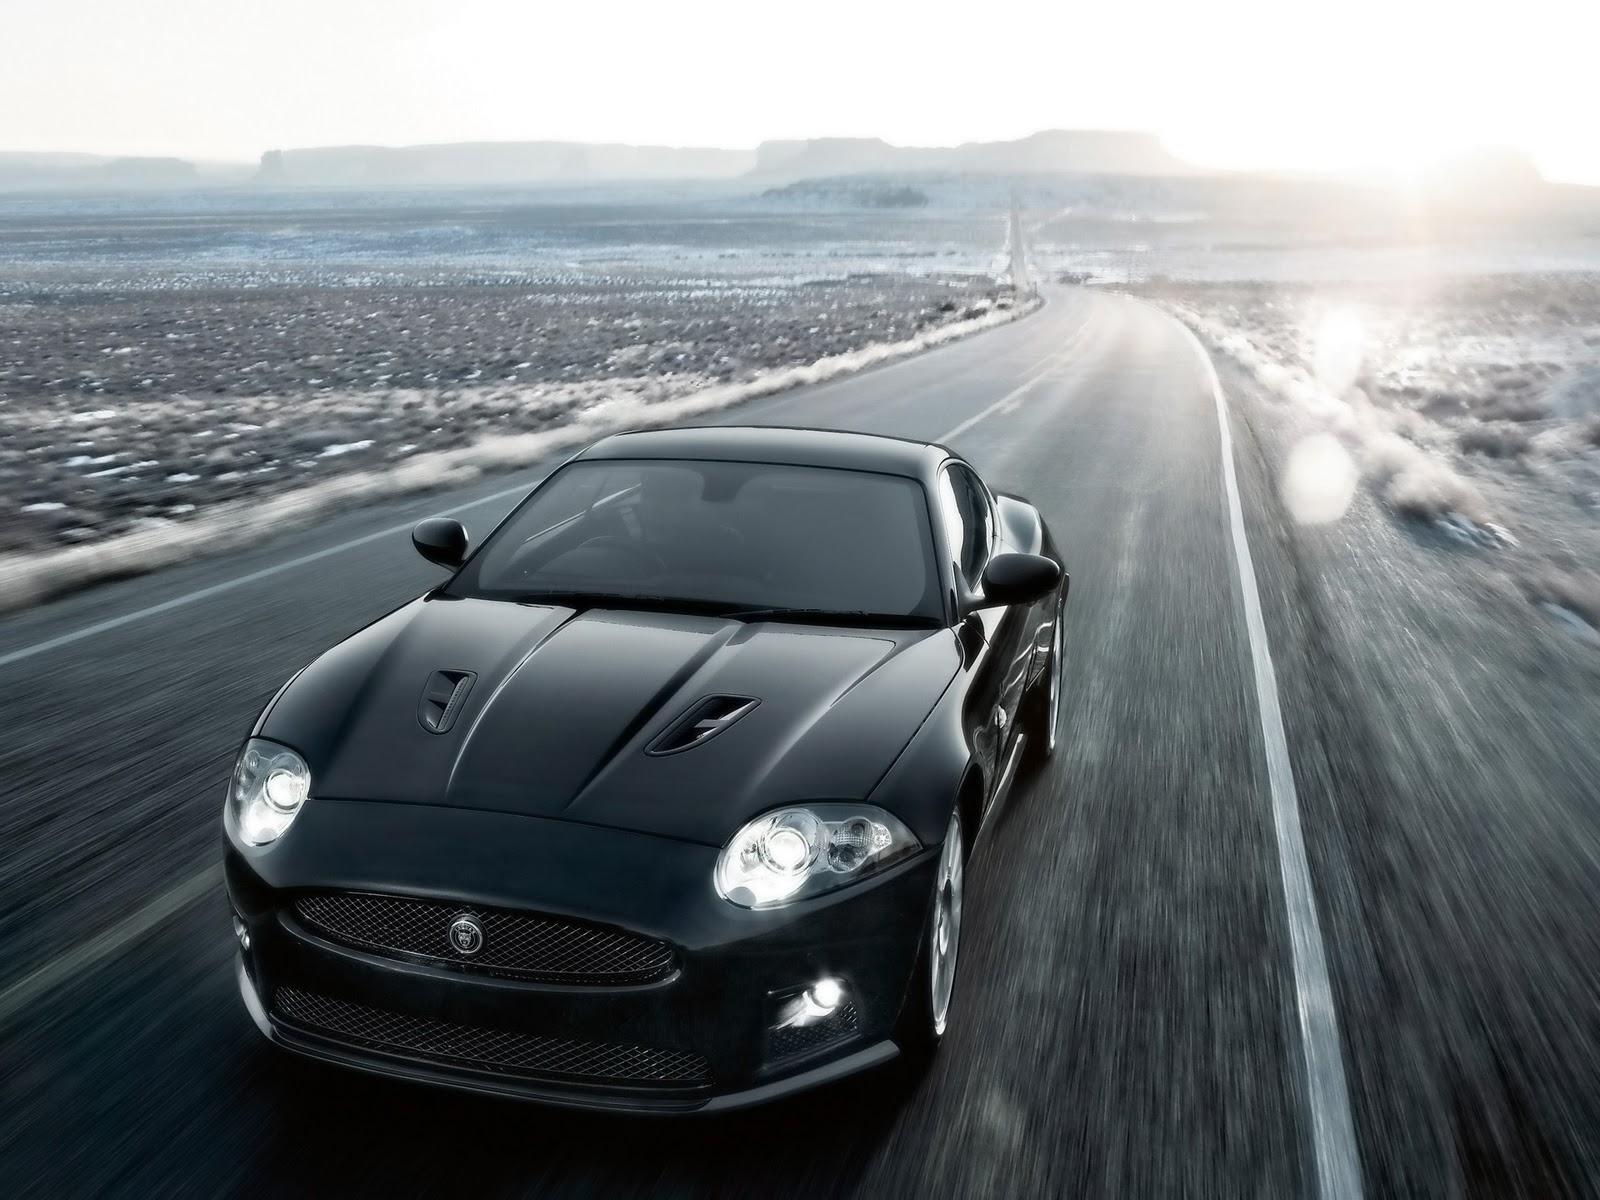 jaguar xkr hdtv 1080p - photo #6